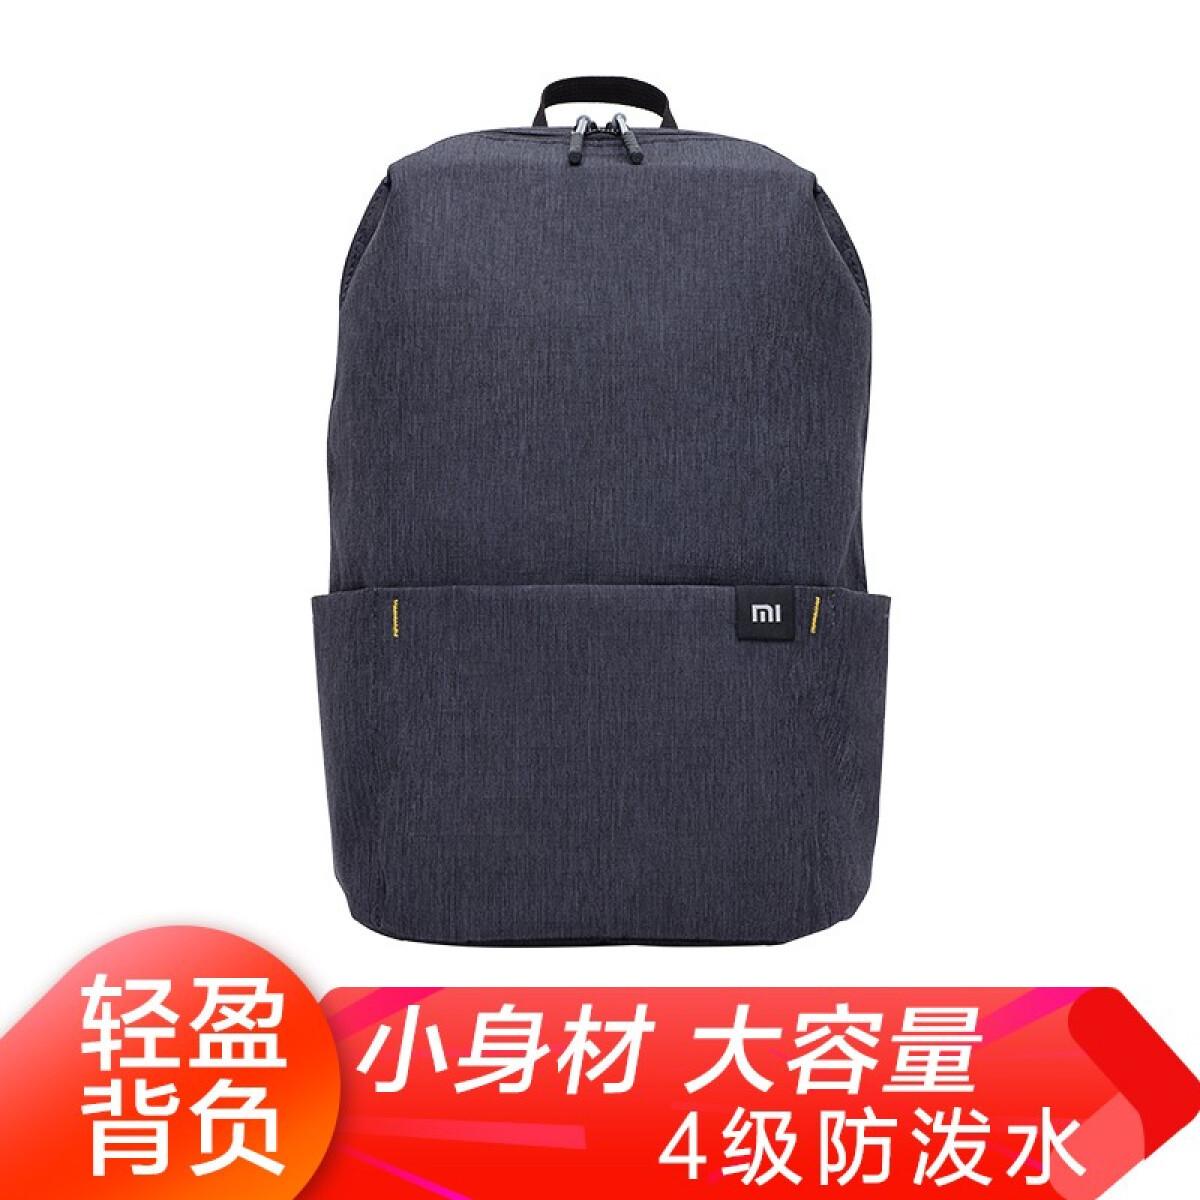 小米小背包10L男女情侣双肩包简约便携户外休闲旅行学生书包